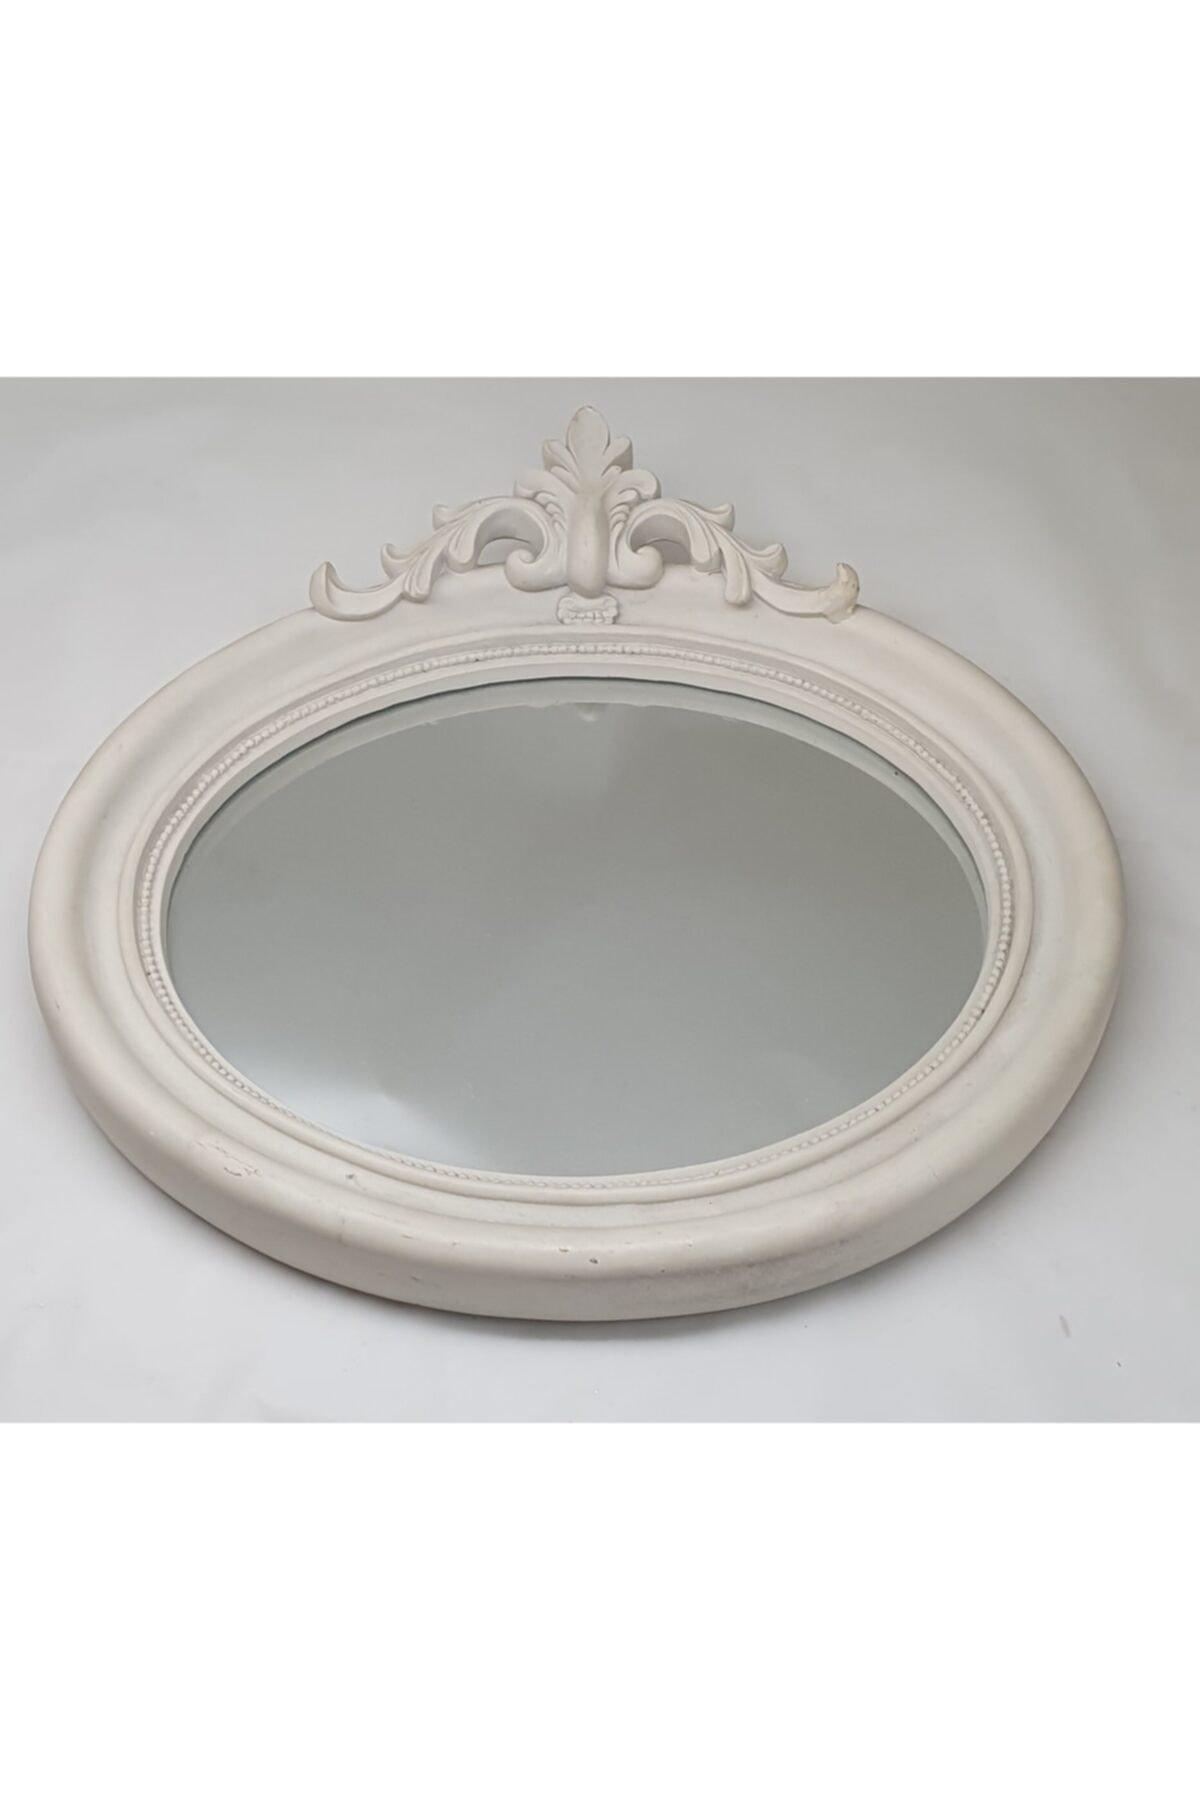 Lucky Art Beyaz Ahşap Ayna 1